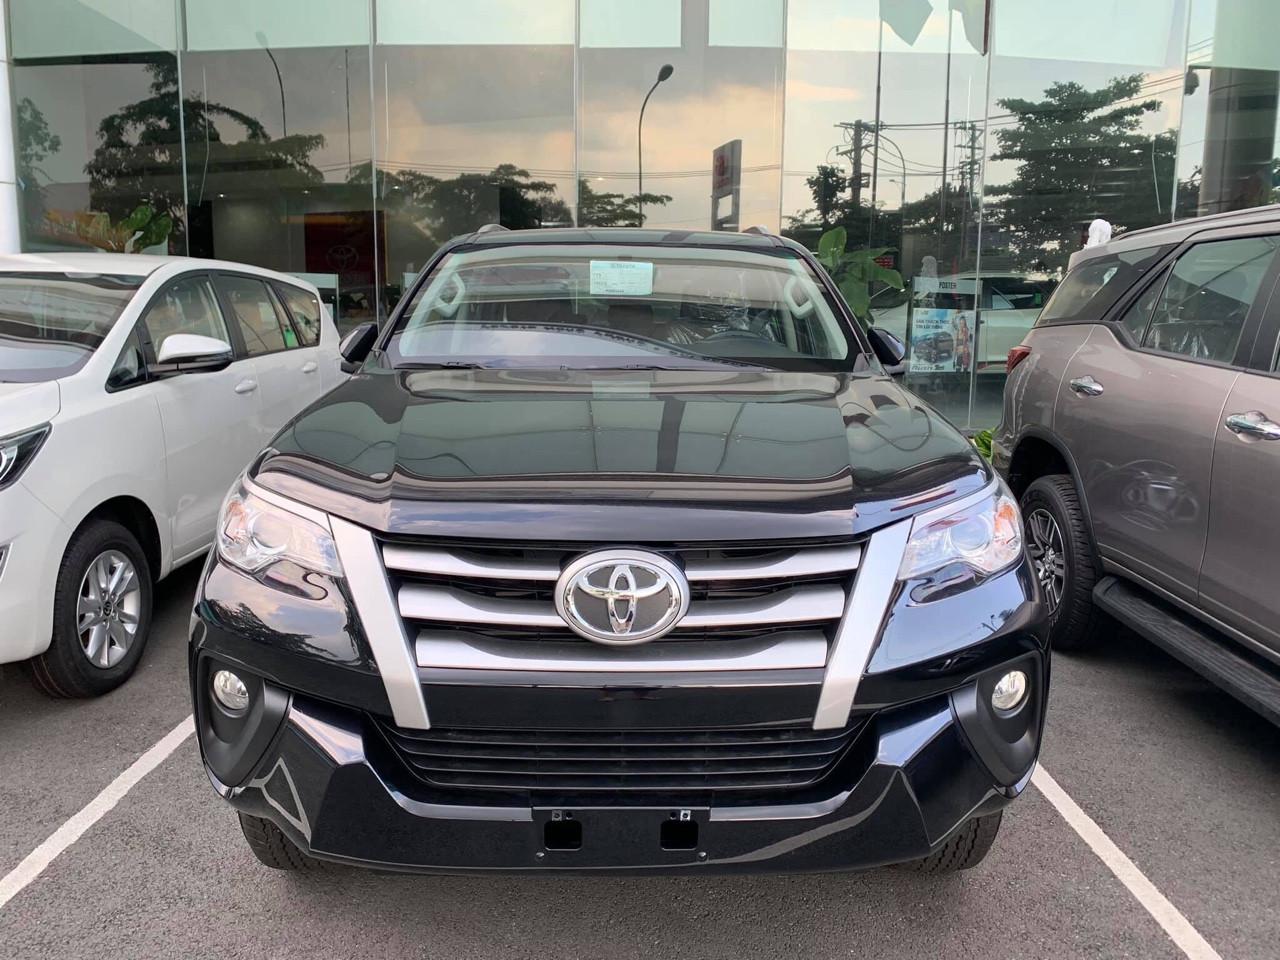 Toyota Fortuner 2020 giá bao nhiêu? Khuyến mãi, giá lăn bánh Cập Nhật Mới Nhất tháng 03/2020 thế nào? Đặt hàng bao lâu thì có xe?